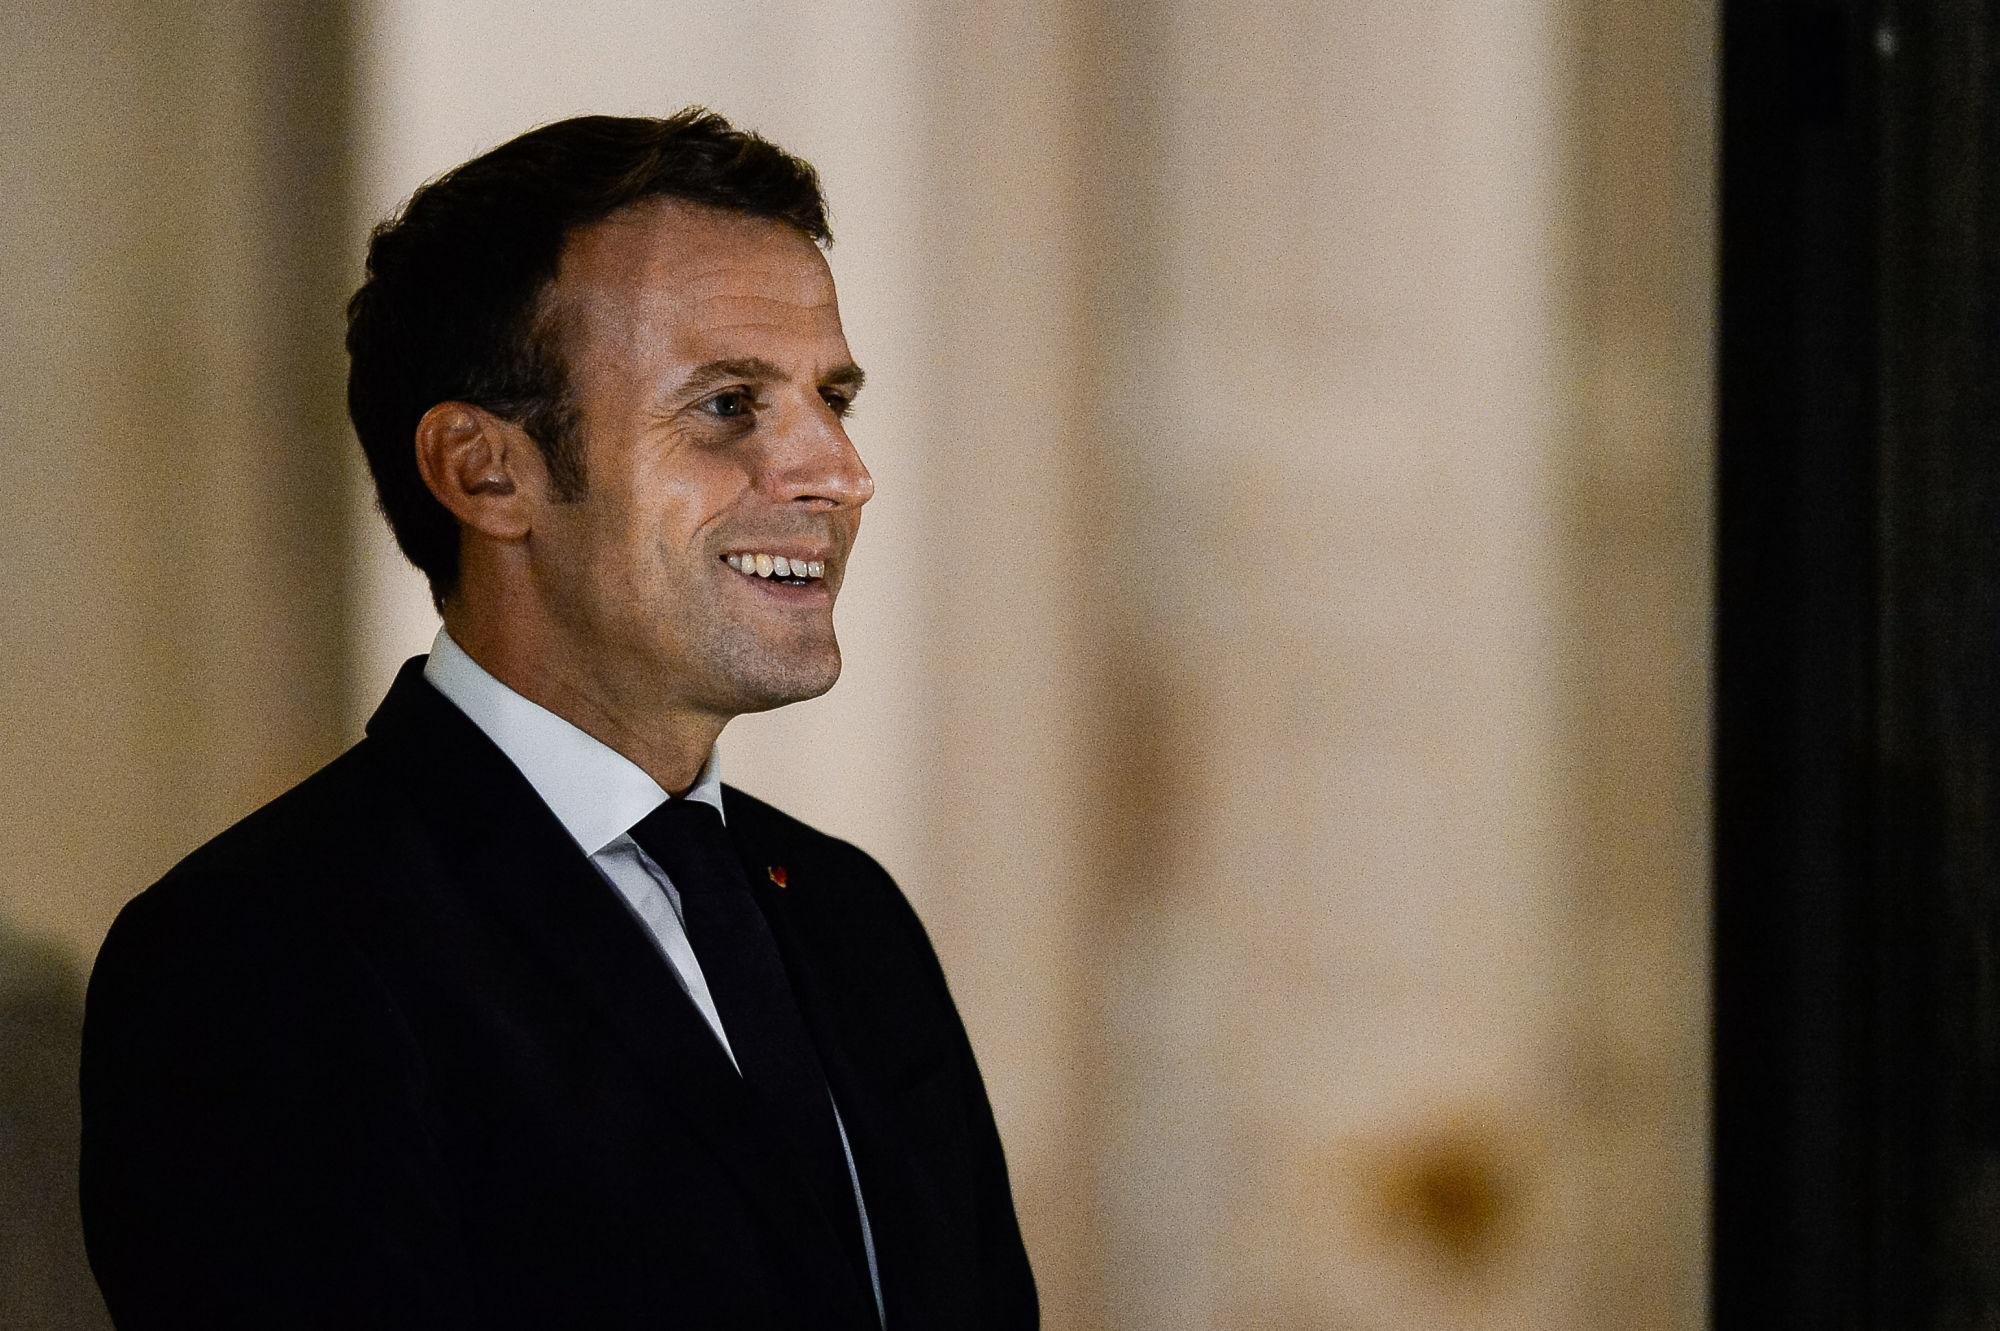 Macron présent à la finale de Coupe de France, qui sera avec un protocole particulier explique L'Equipe